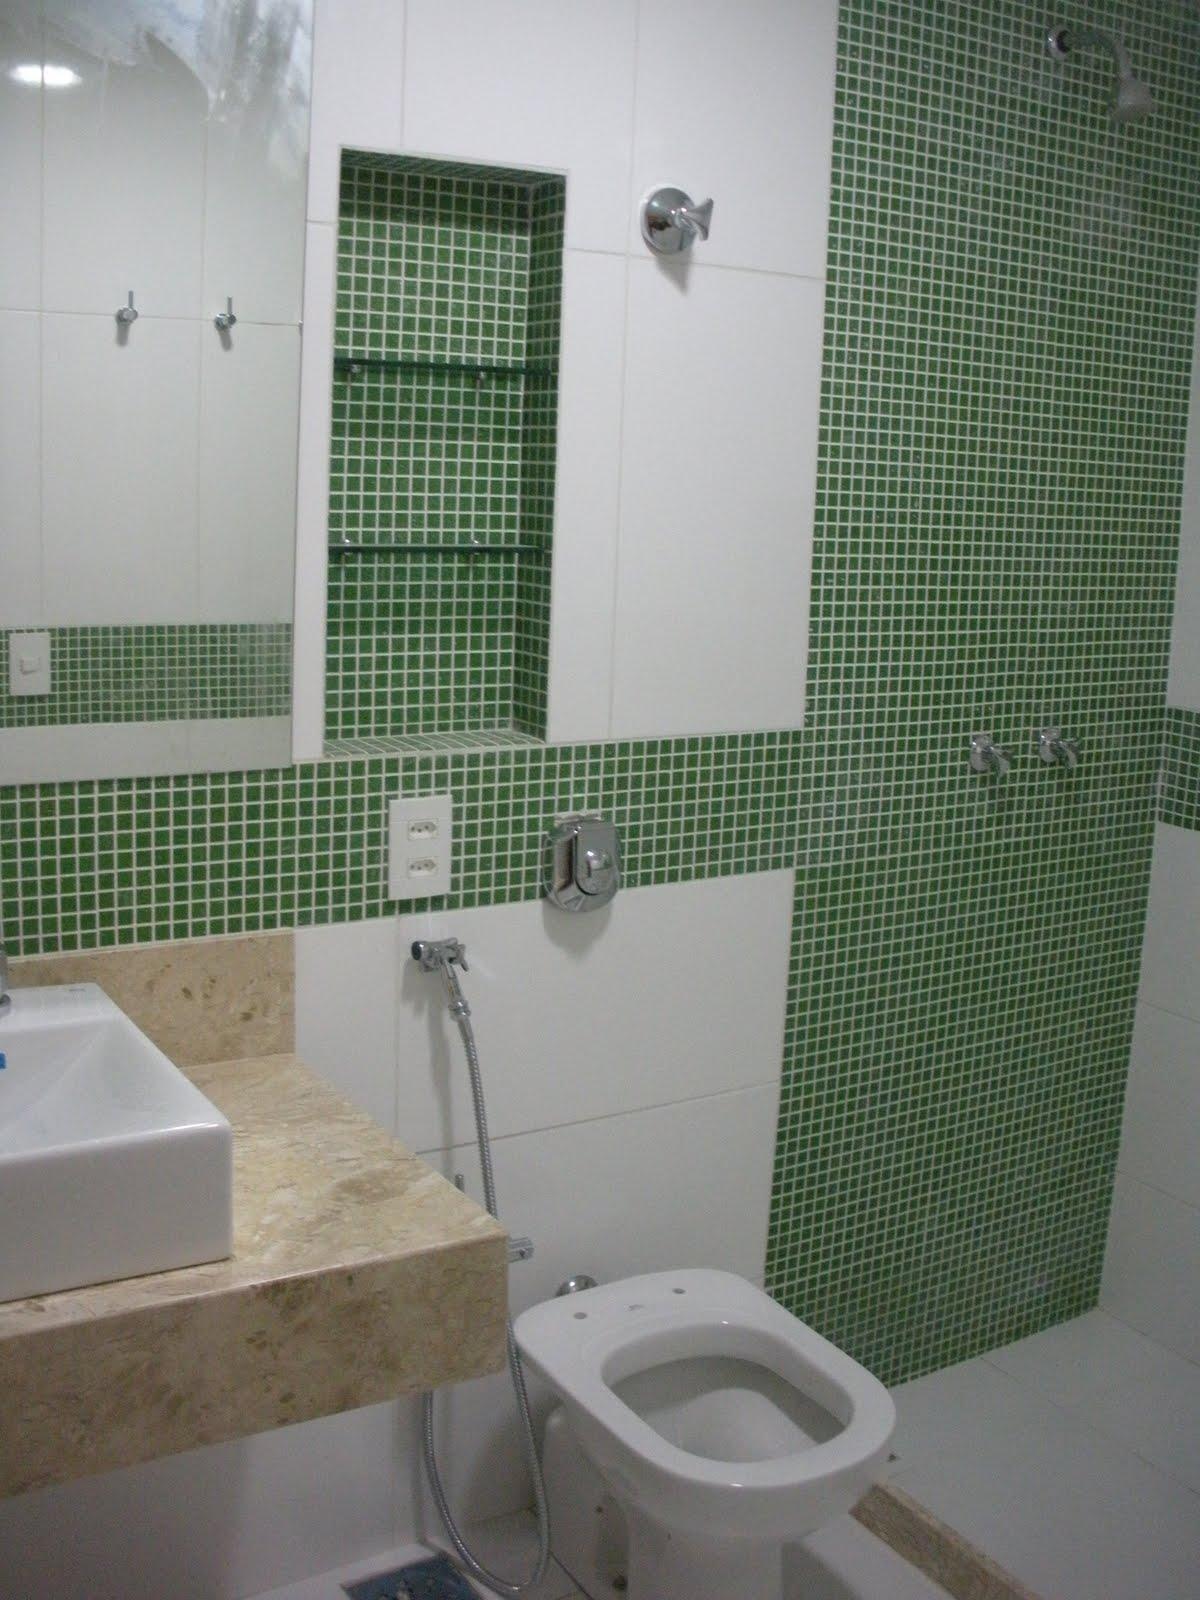 decorados banheiros com pastilhas verdes banheiro pequeno simples hd -> Banheiros Decorados Simples Pastilhas